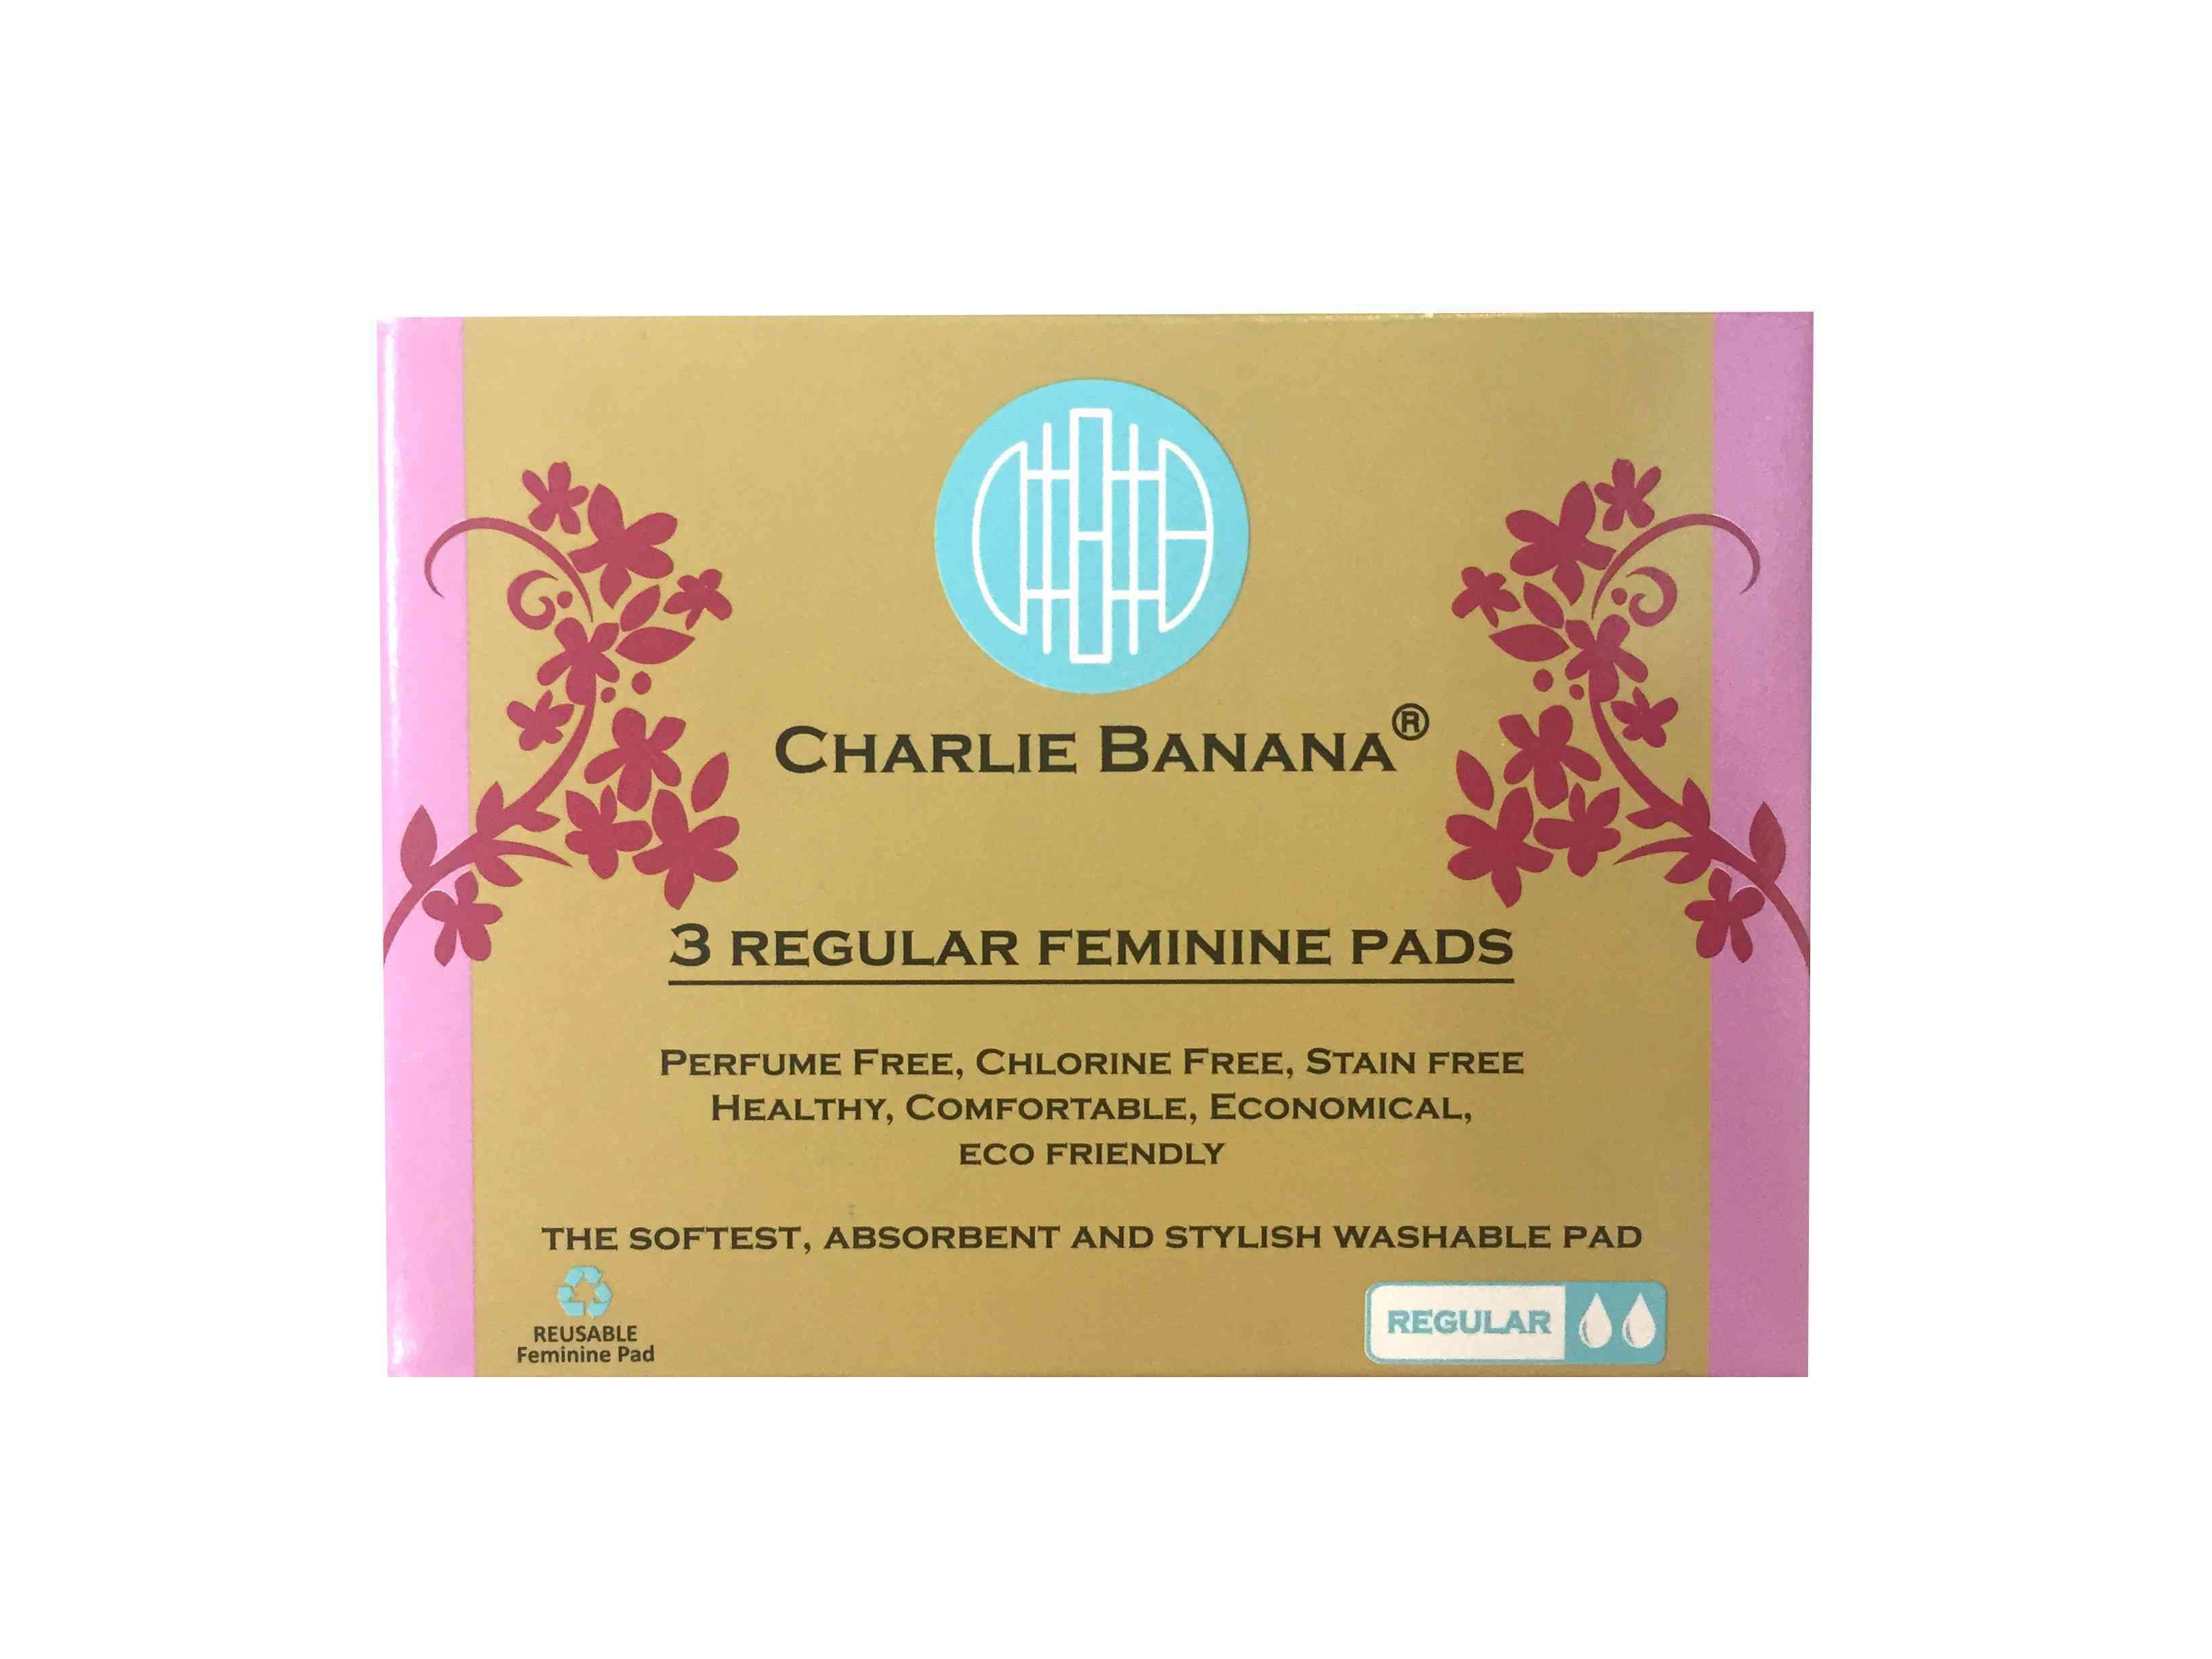 Charlie Banana Cloth Feminine Pads